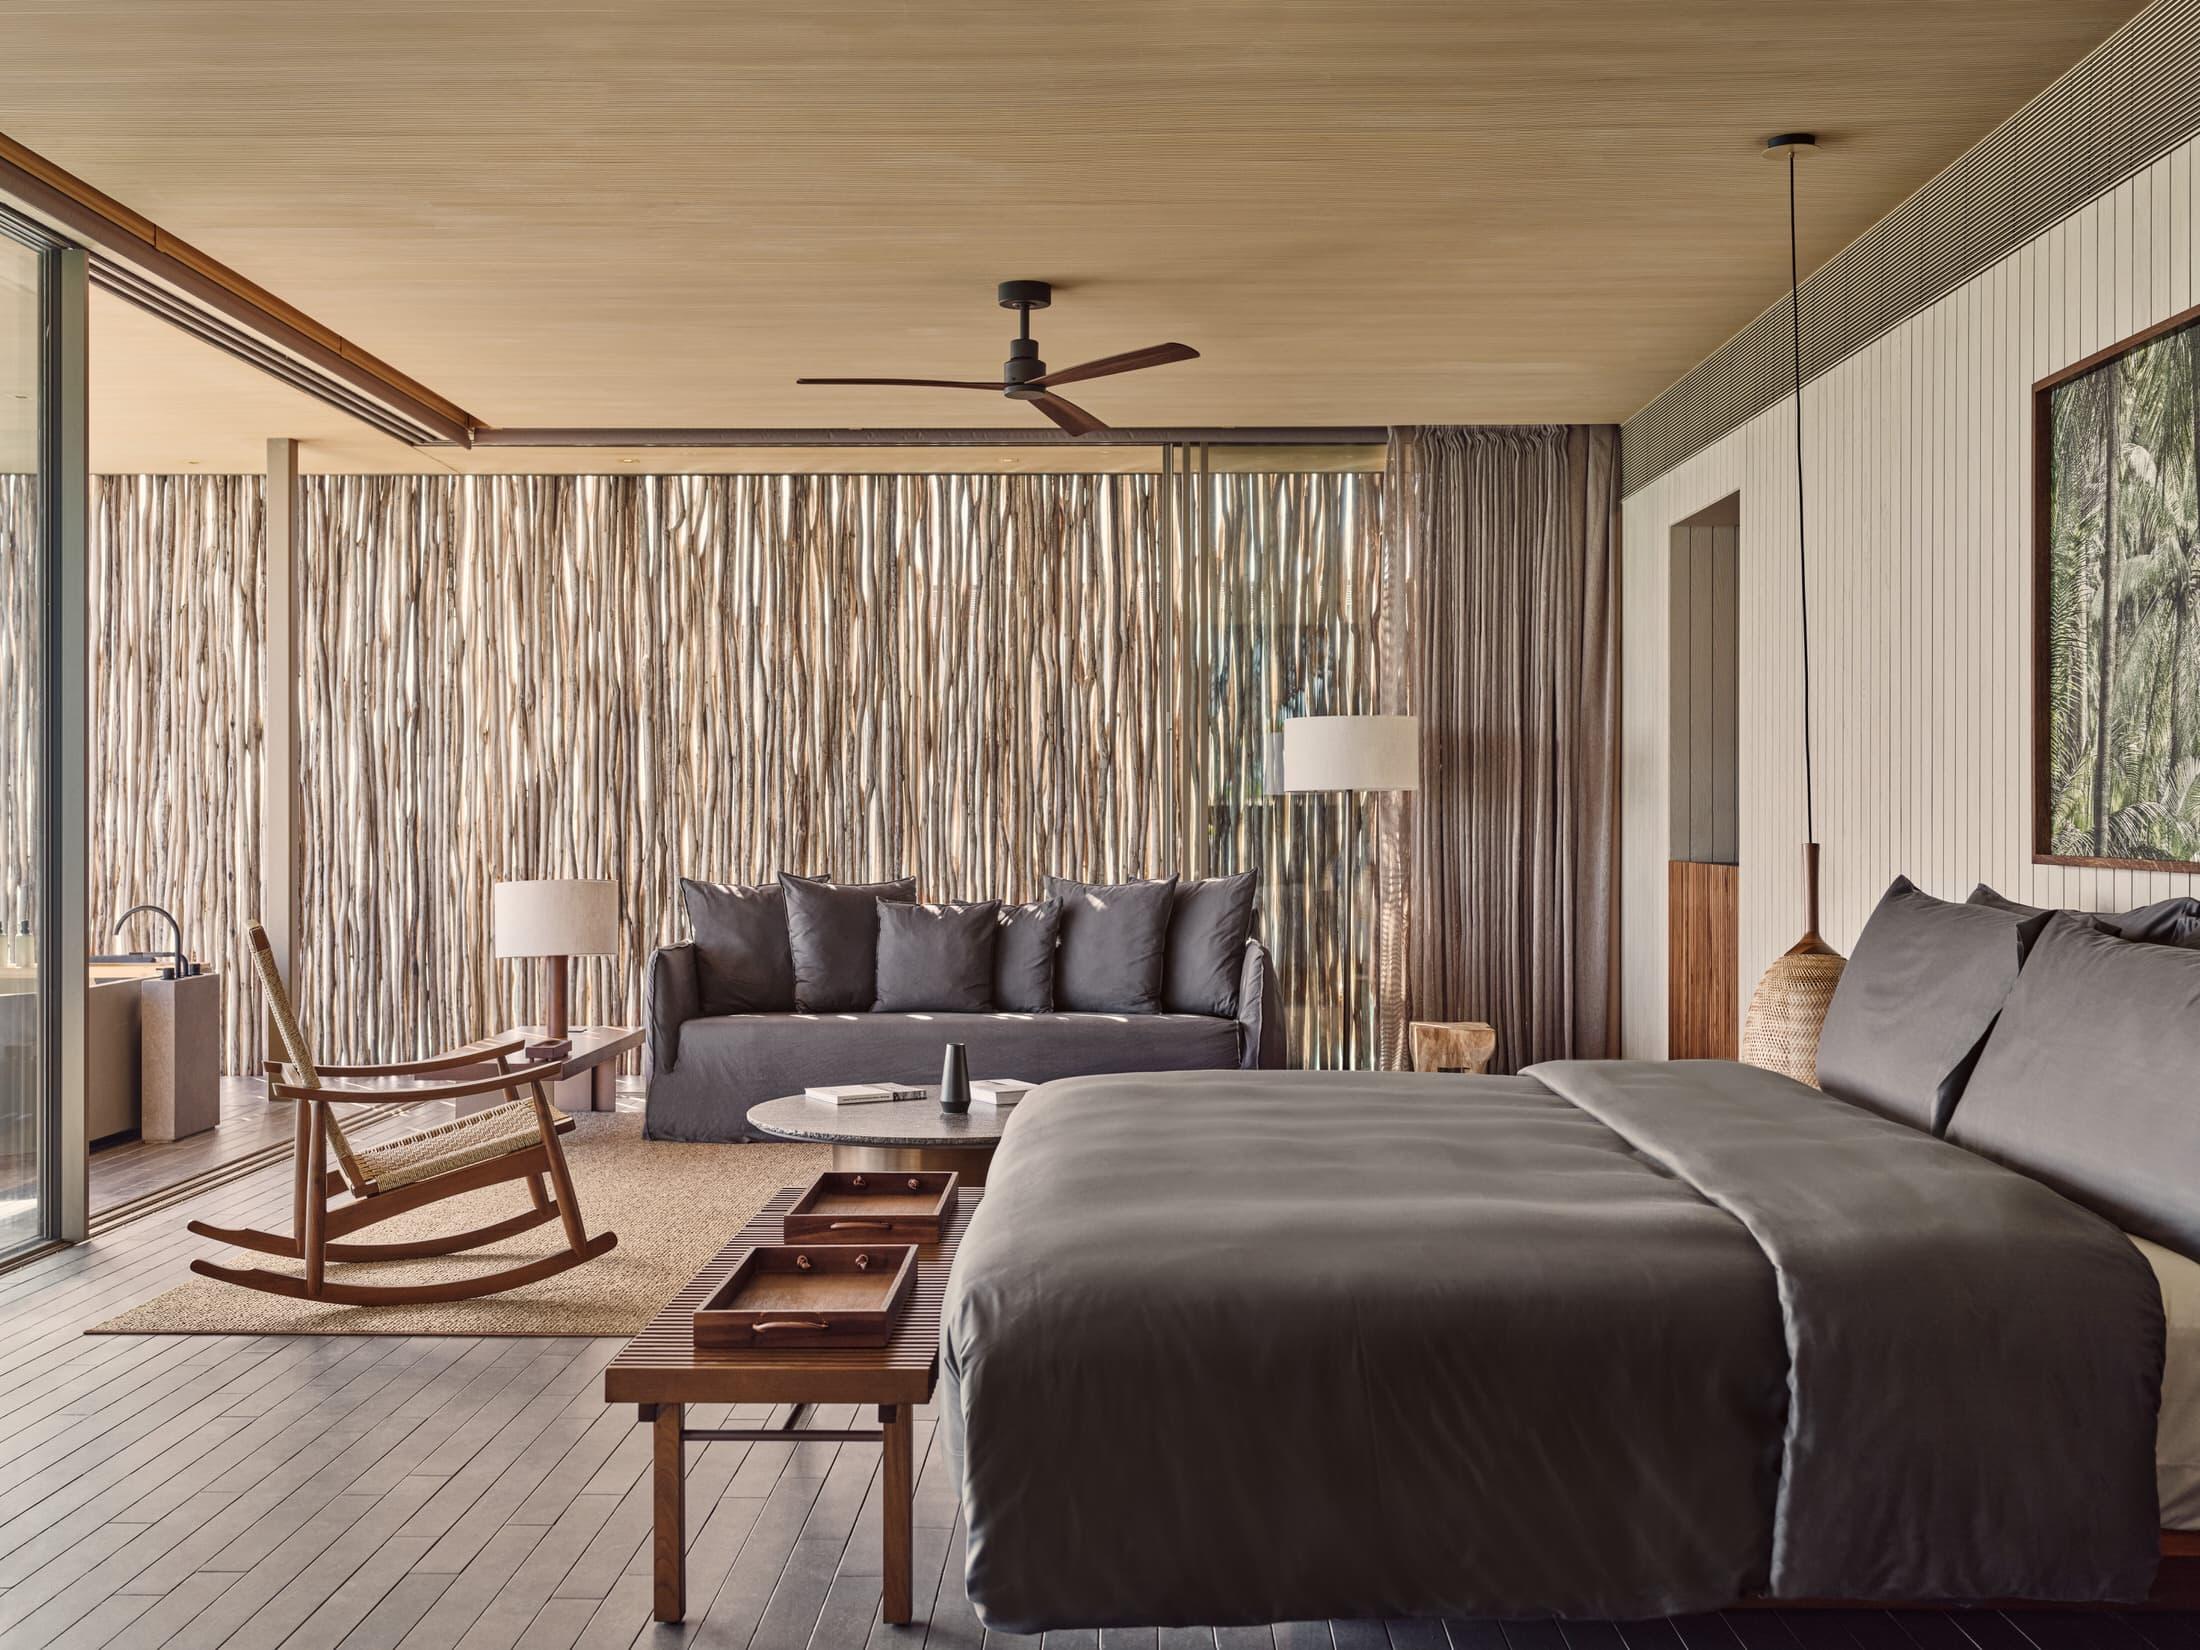 Studio Mk27 Patina Maldives Luxury Resort Yellowtrace 20